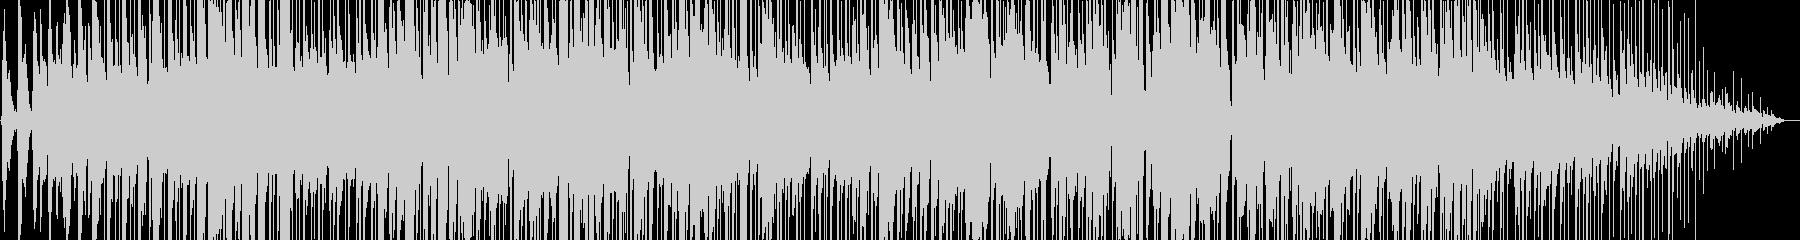 パーカッションとギターマンドリンのボサの未再生の波形